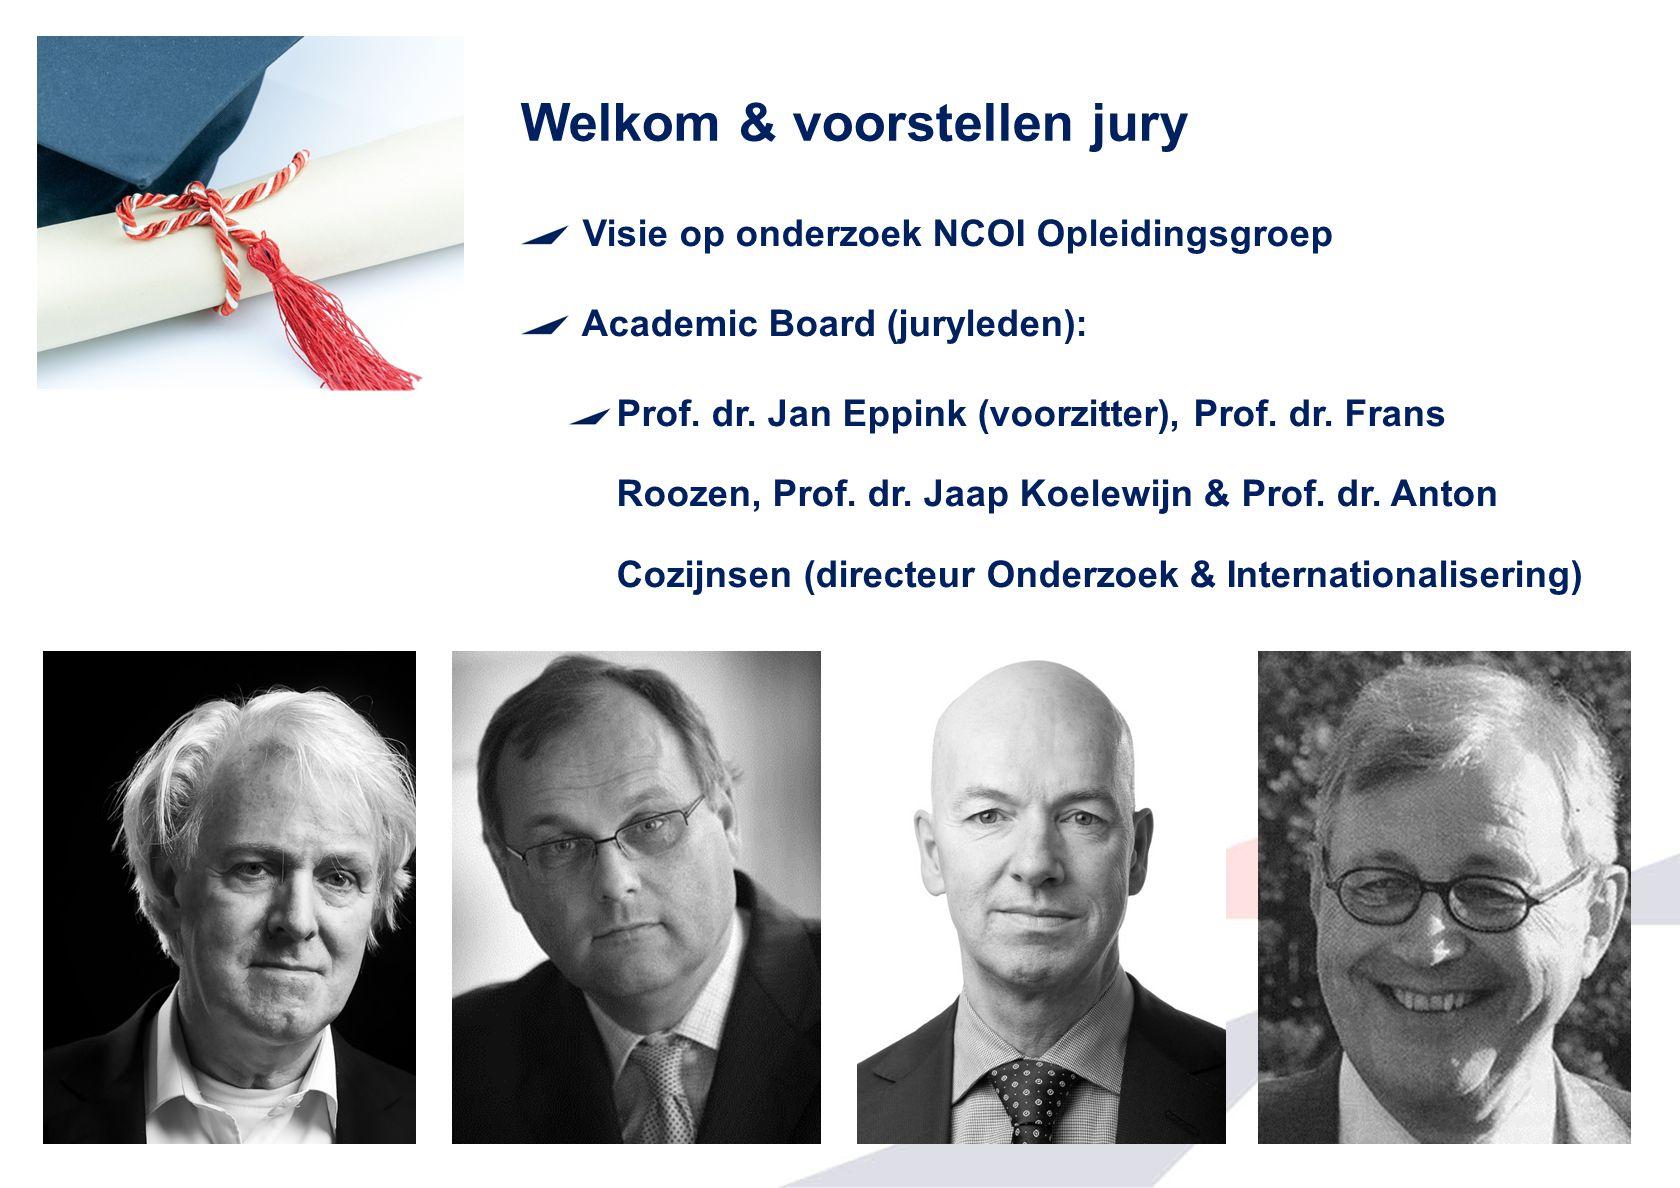 Welkom & voorstellen jury